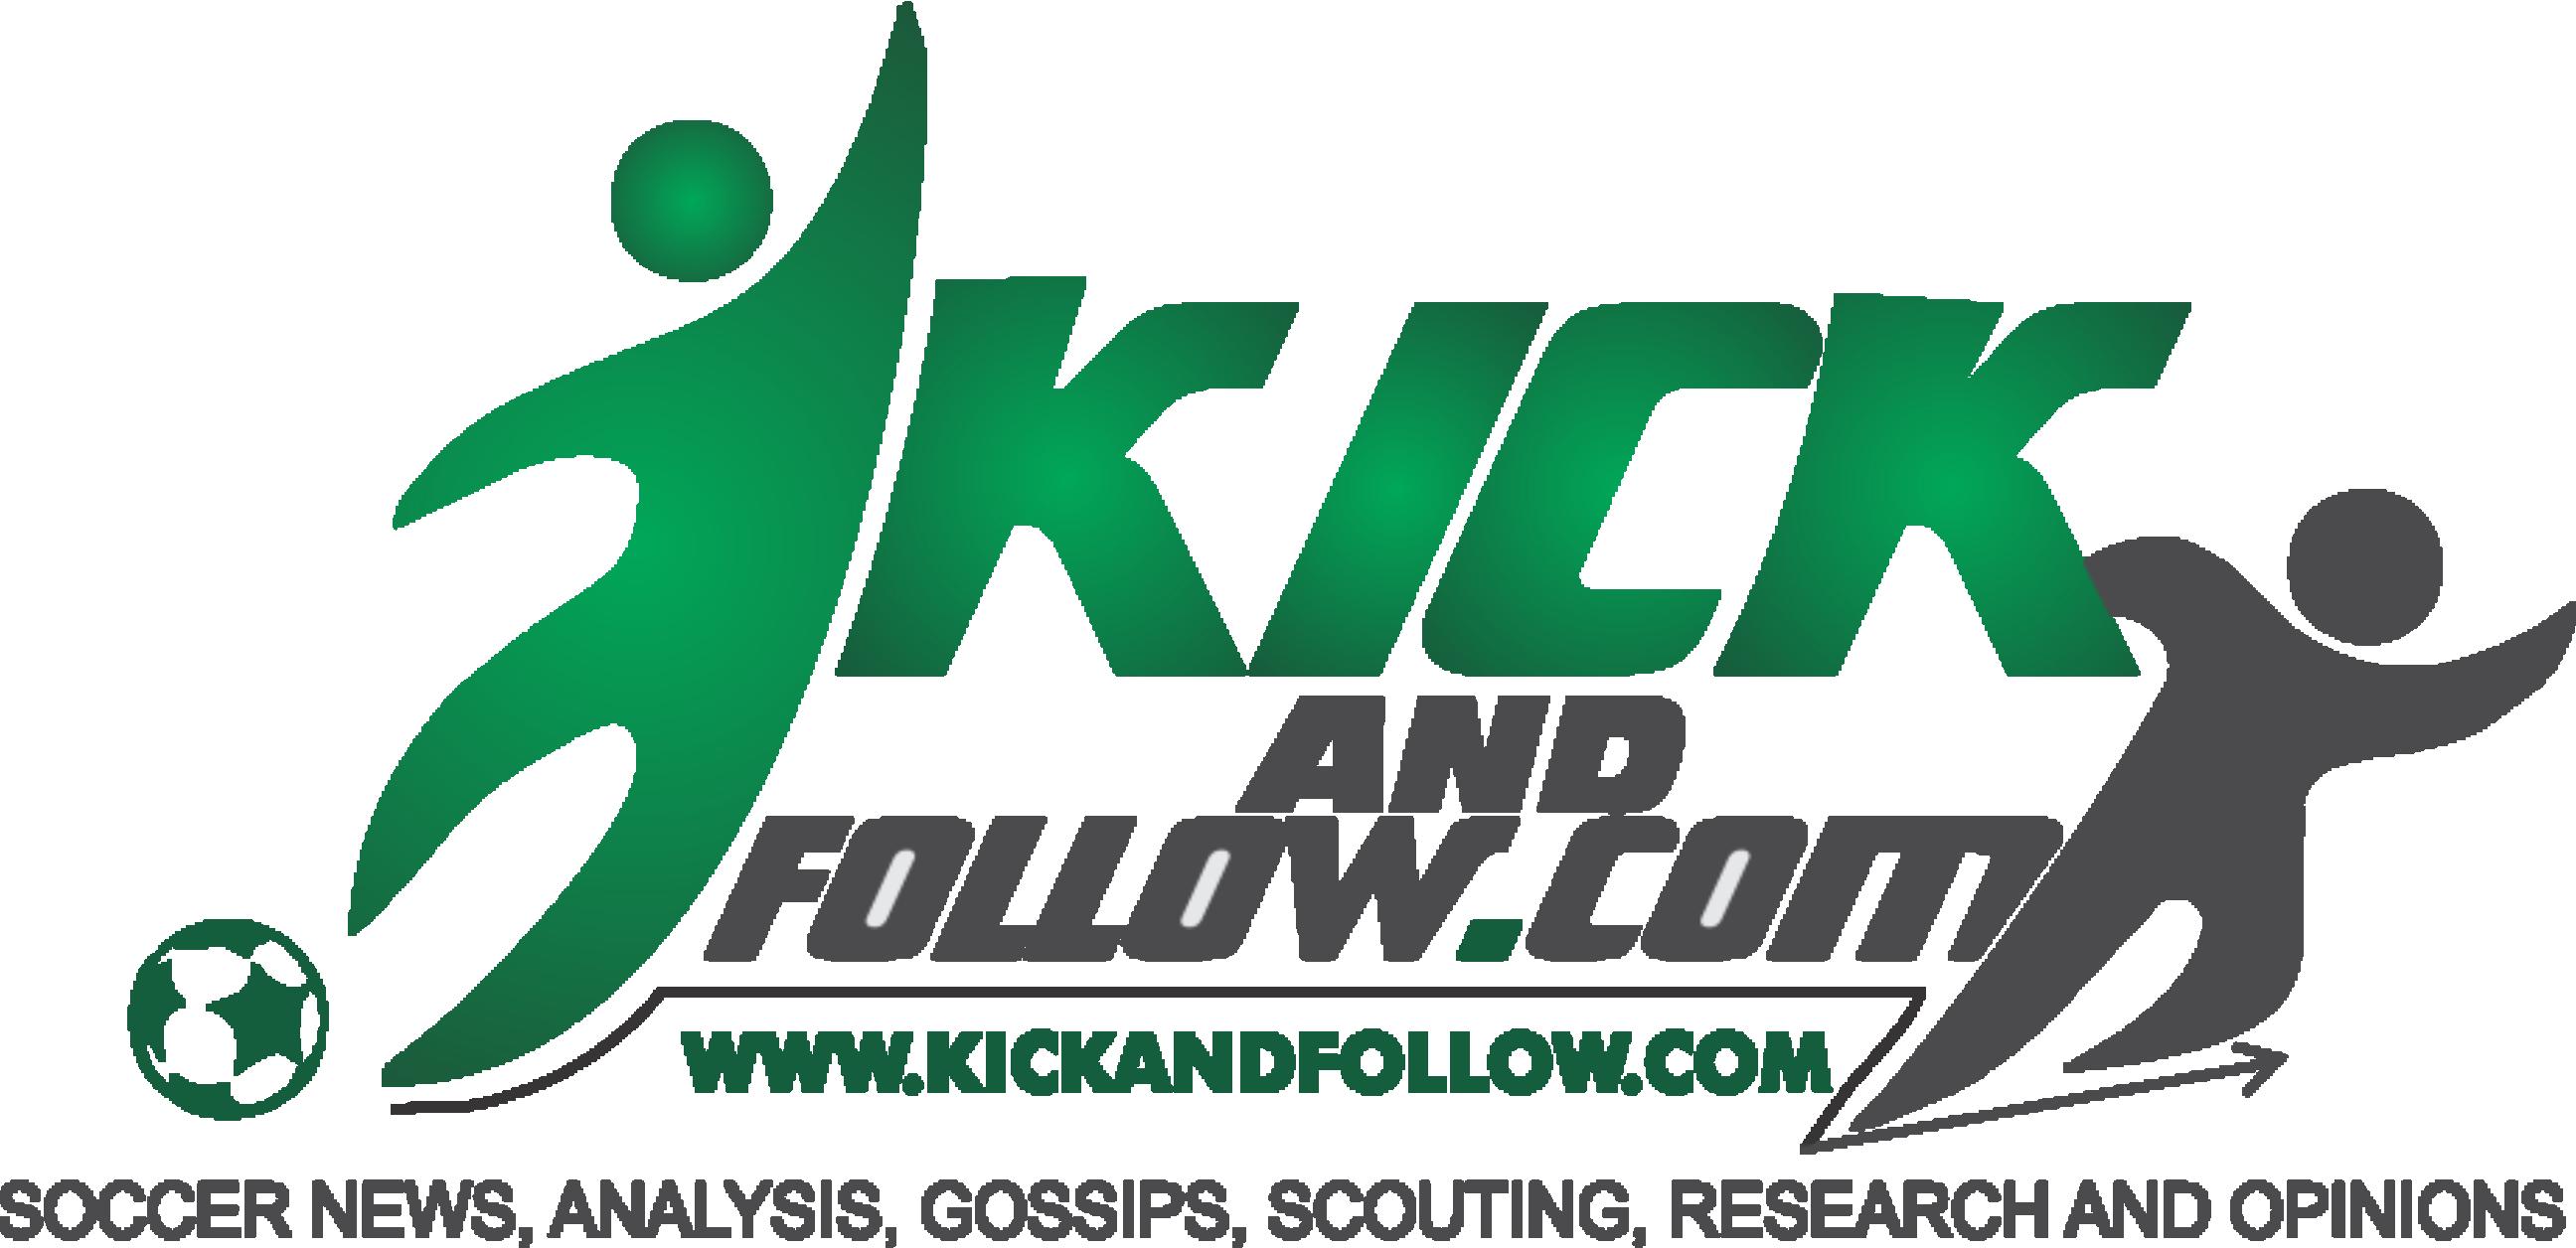 kickandfollow